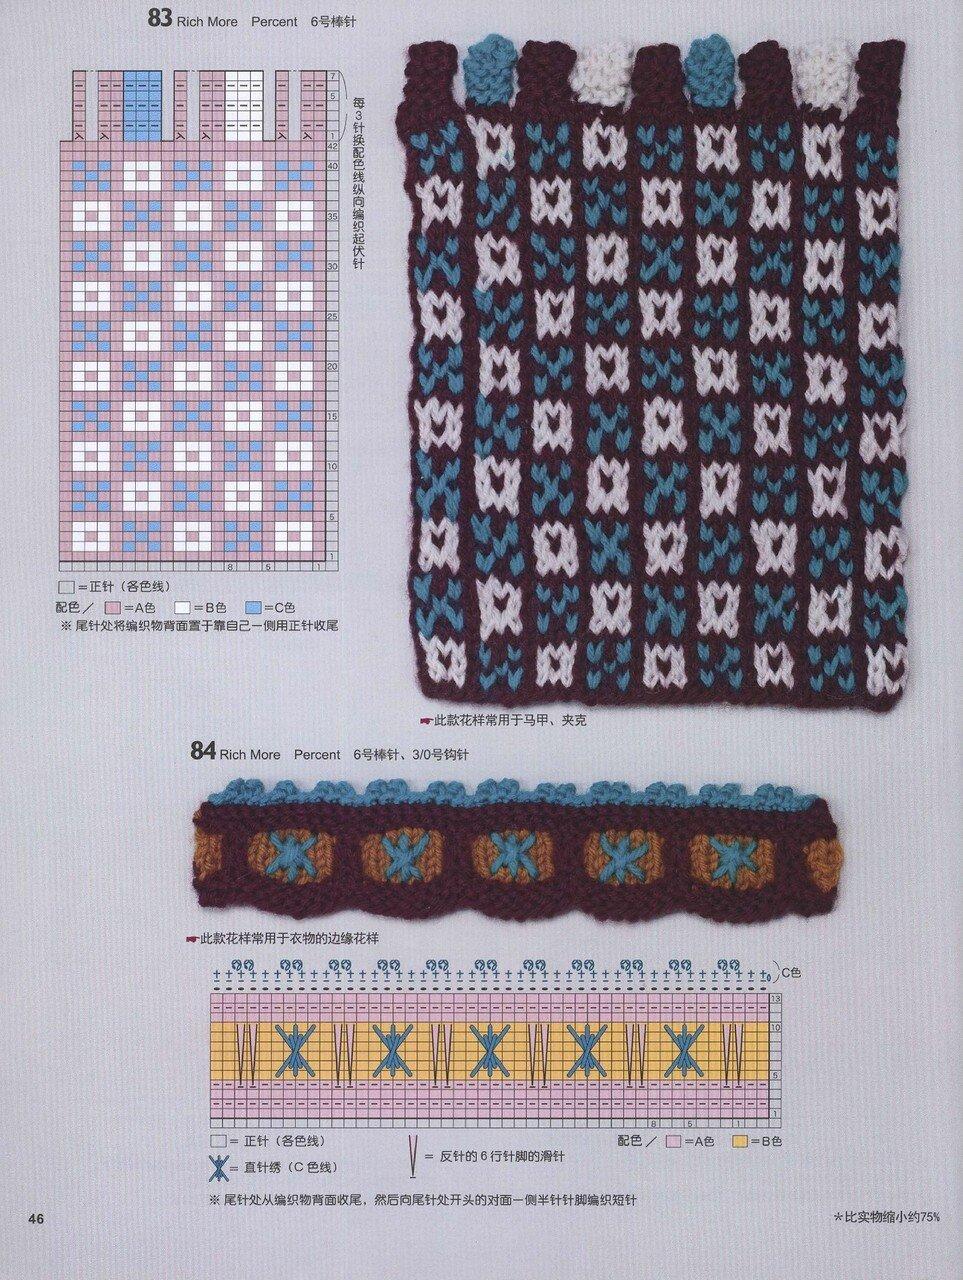 150 Knitting_48.jpg